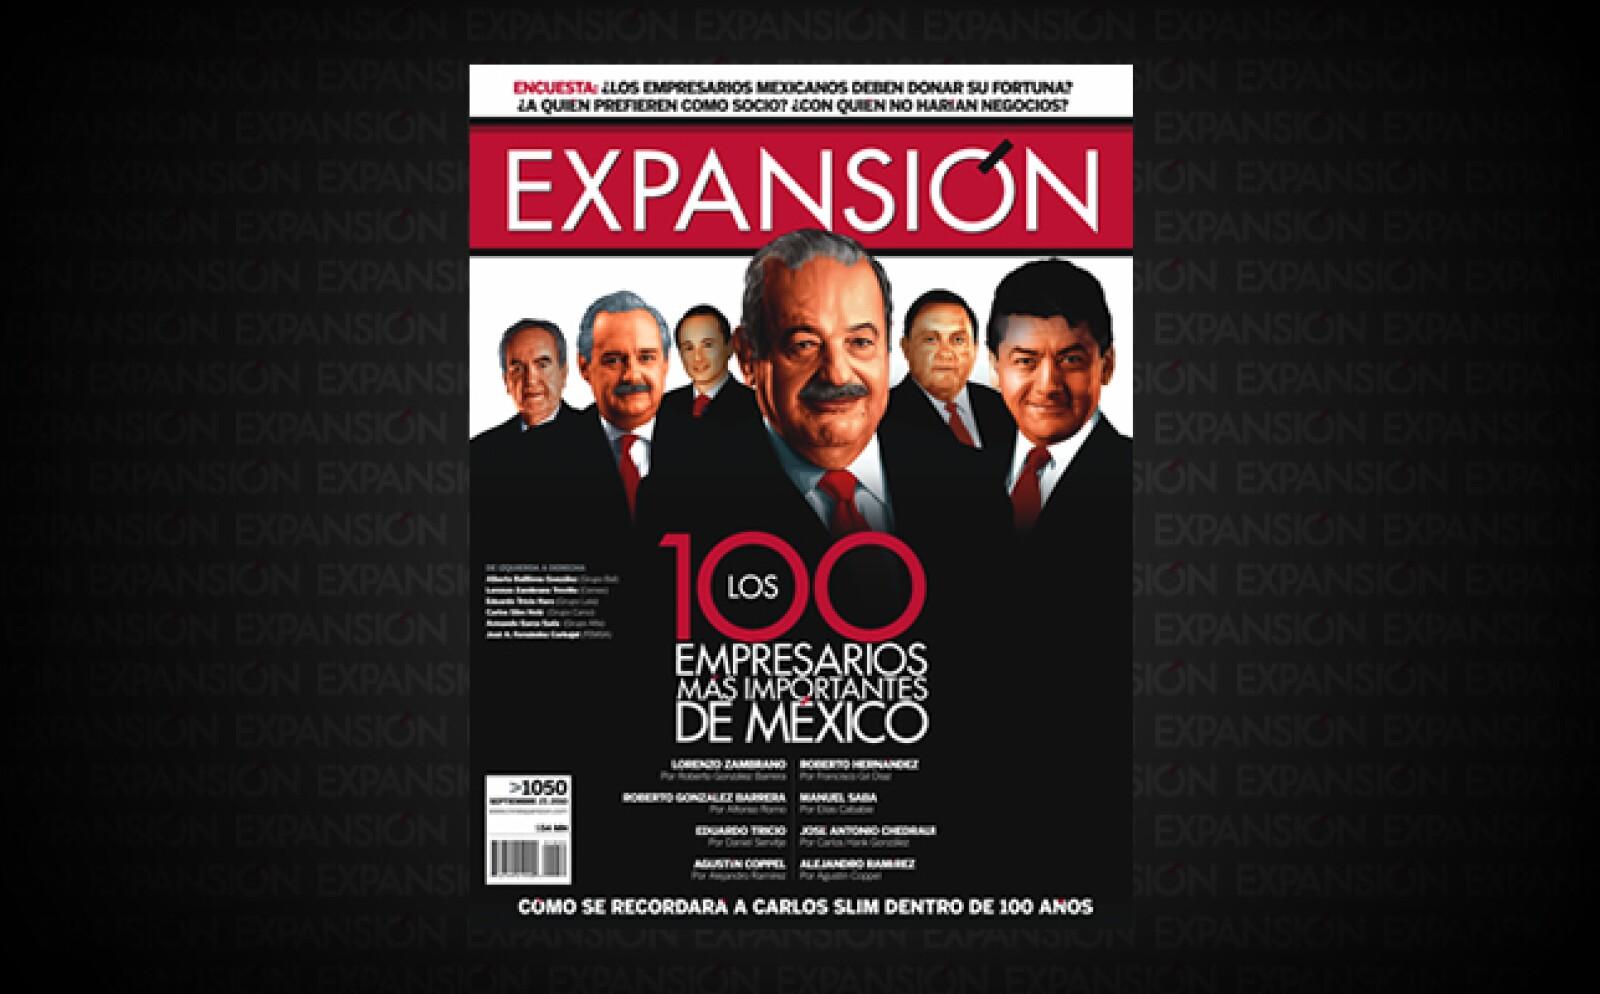 Los 100 empresarios juntos suman una fortuna de 175,800 millones de dólares; el 18% del PIB. Lo peor del año y que sepultó a Gastón Azcárraga en el ranking fue la quiebra de Mexicana de Aviación.